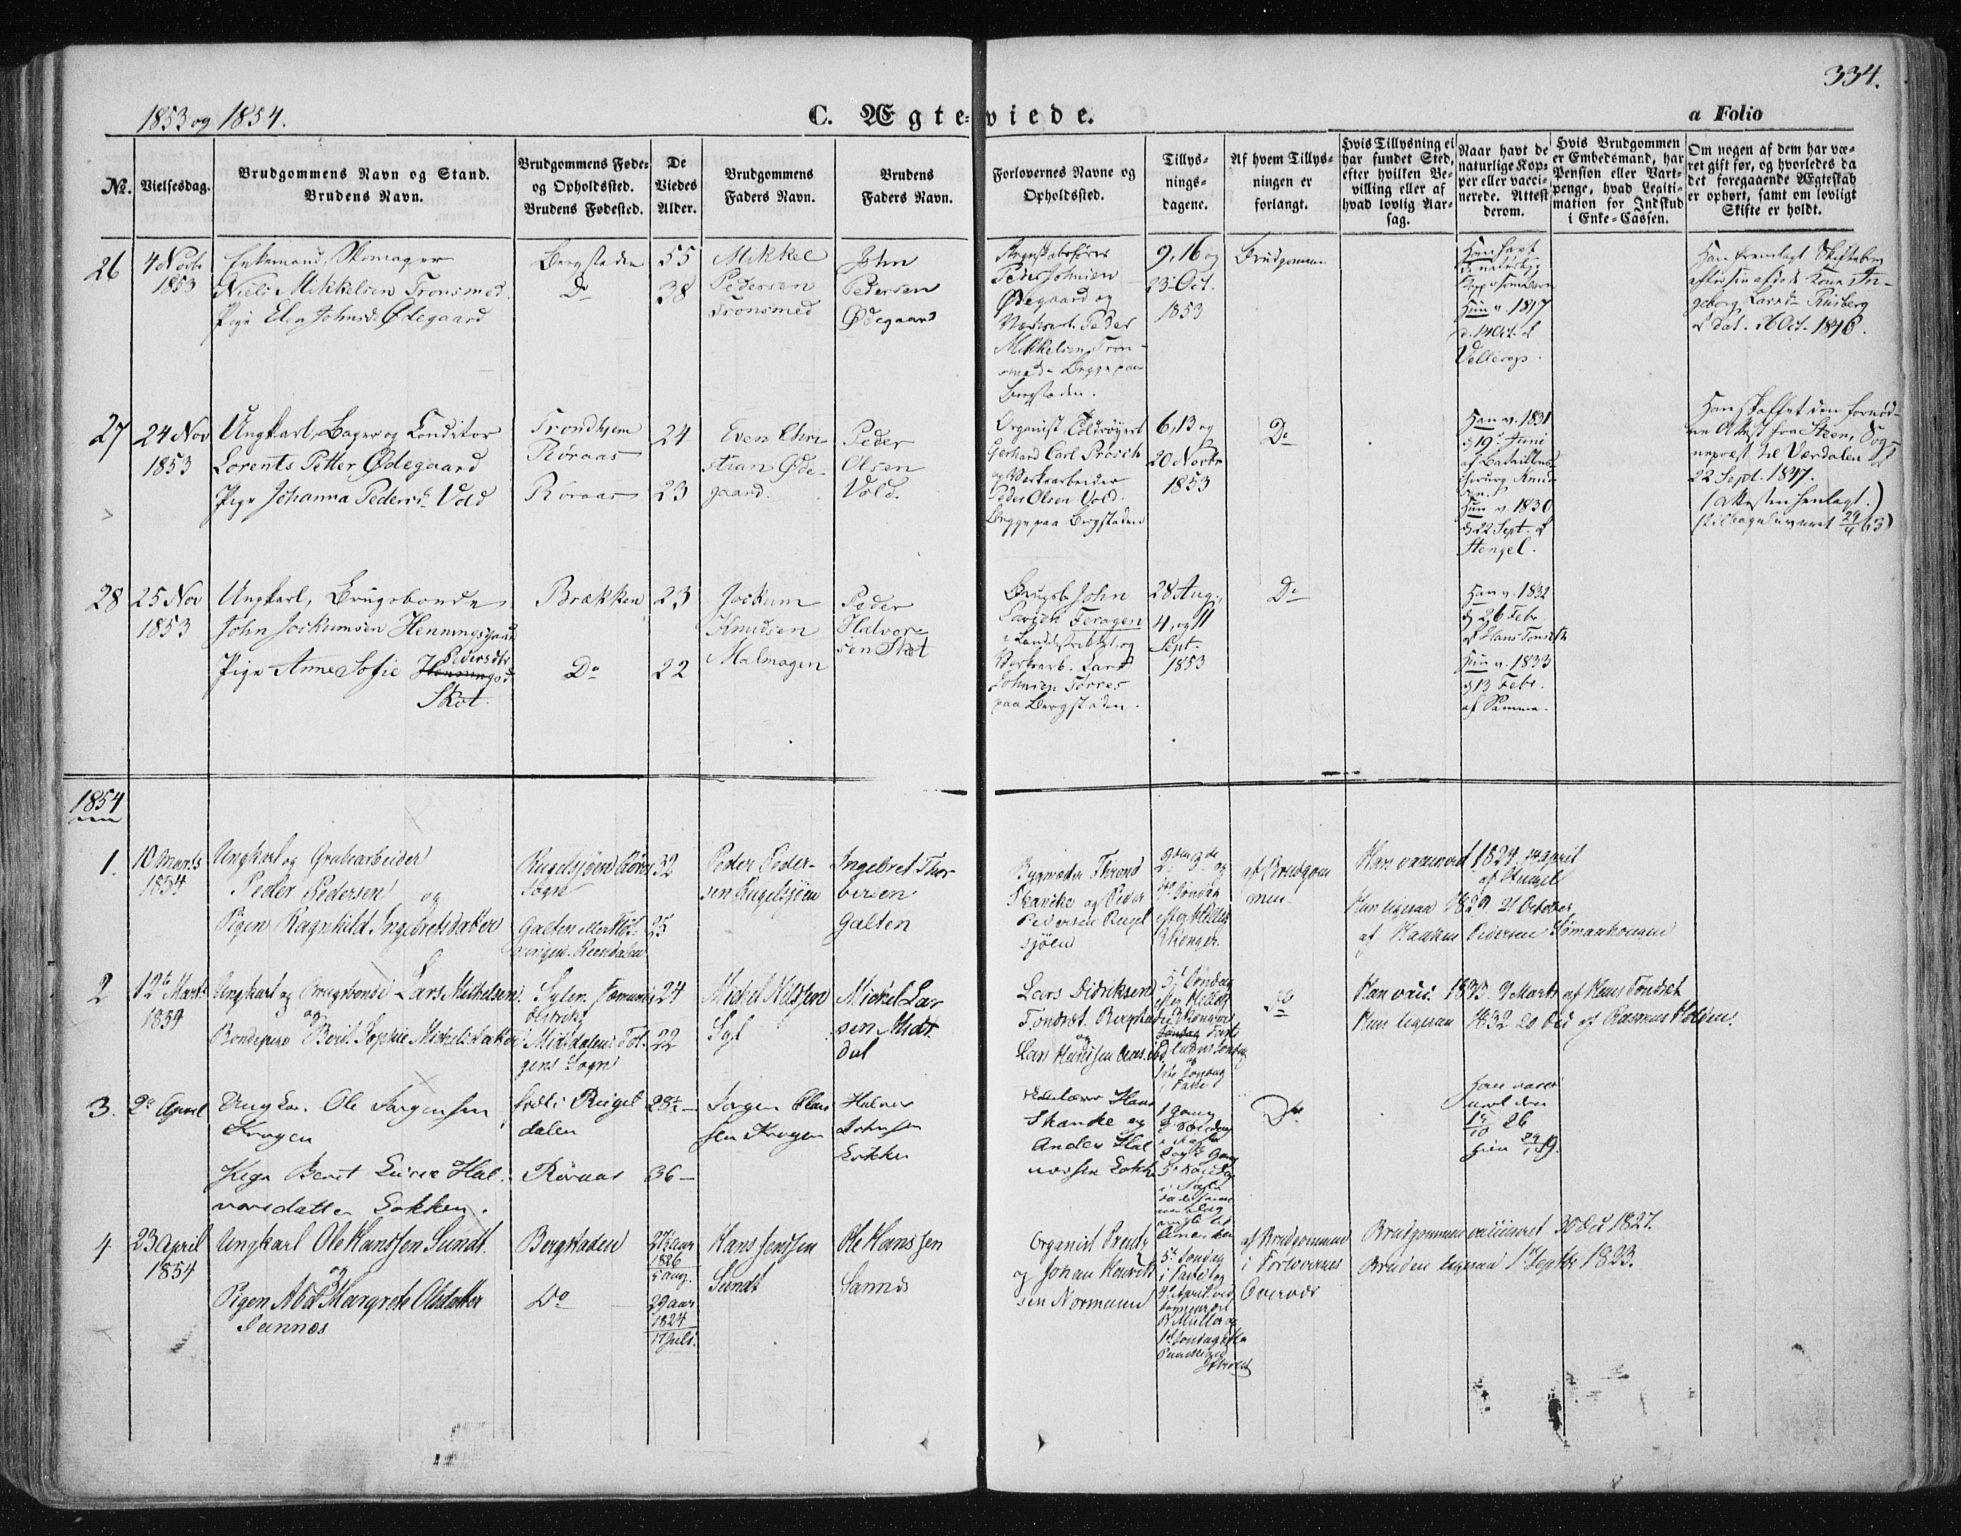 SAT, Ministerialprotokoller, klokkerbøker og fødselsregistre - Sør-Trøndelag, 681/L0931: Ministerialbok nr. 681A09, 1845-1859, s. 334